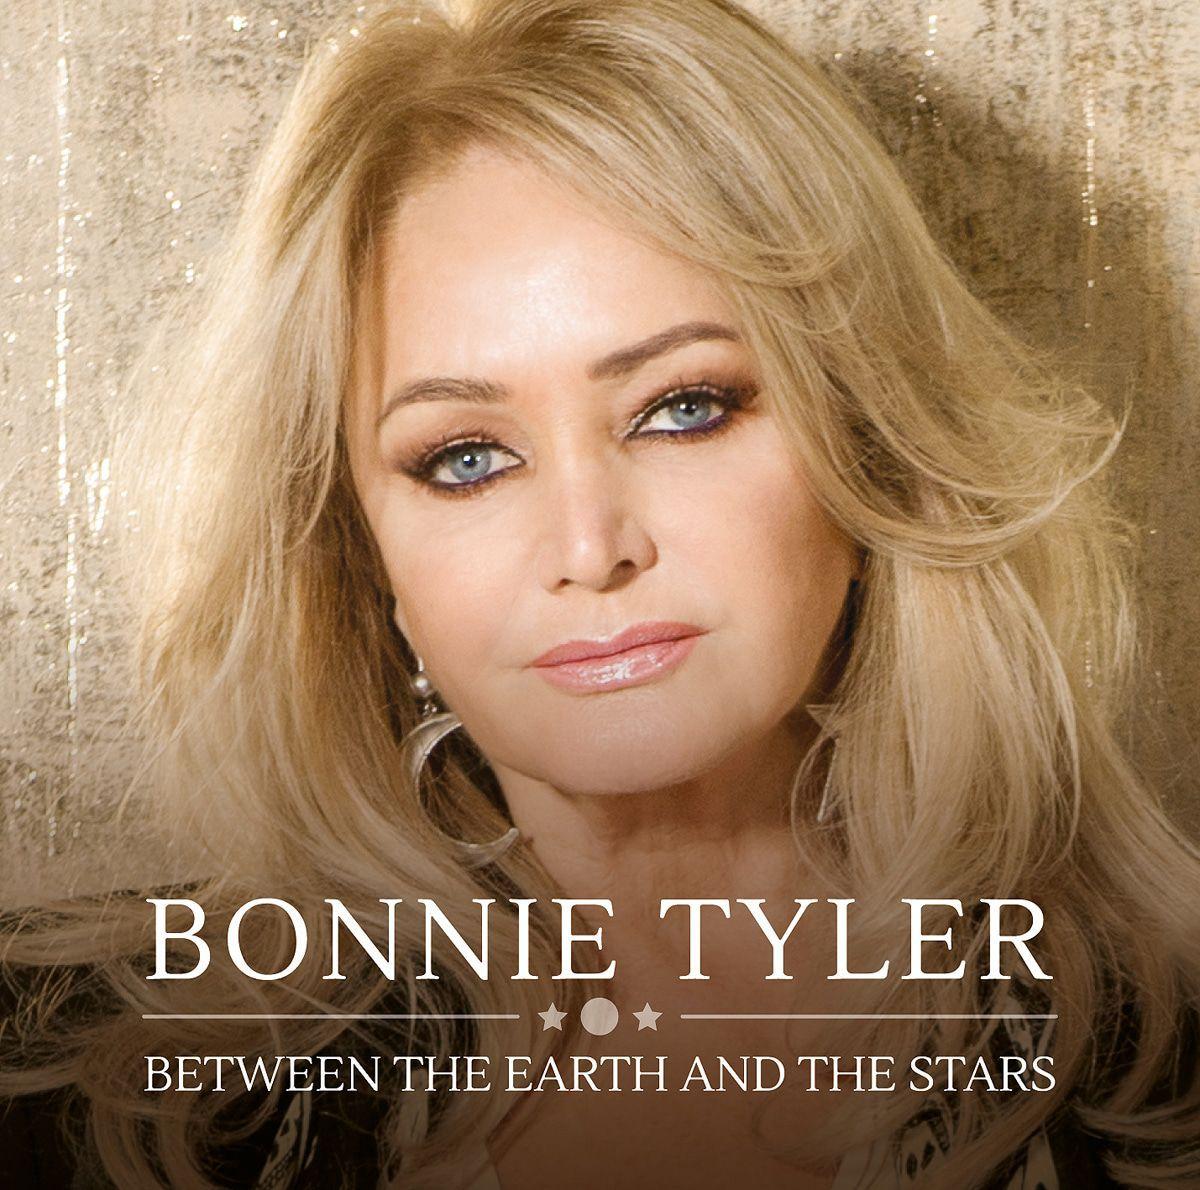 Bonnie Tyler über Botox, Bohlen und ihren Gesichtszwilling